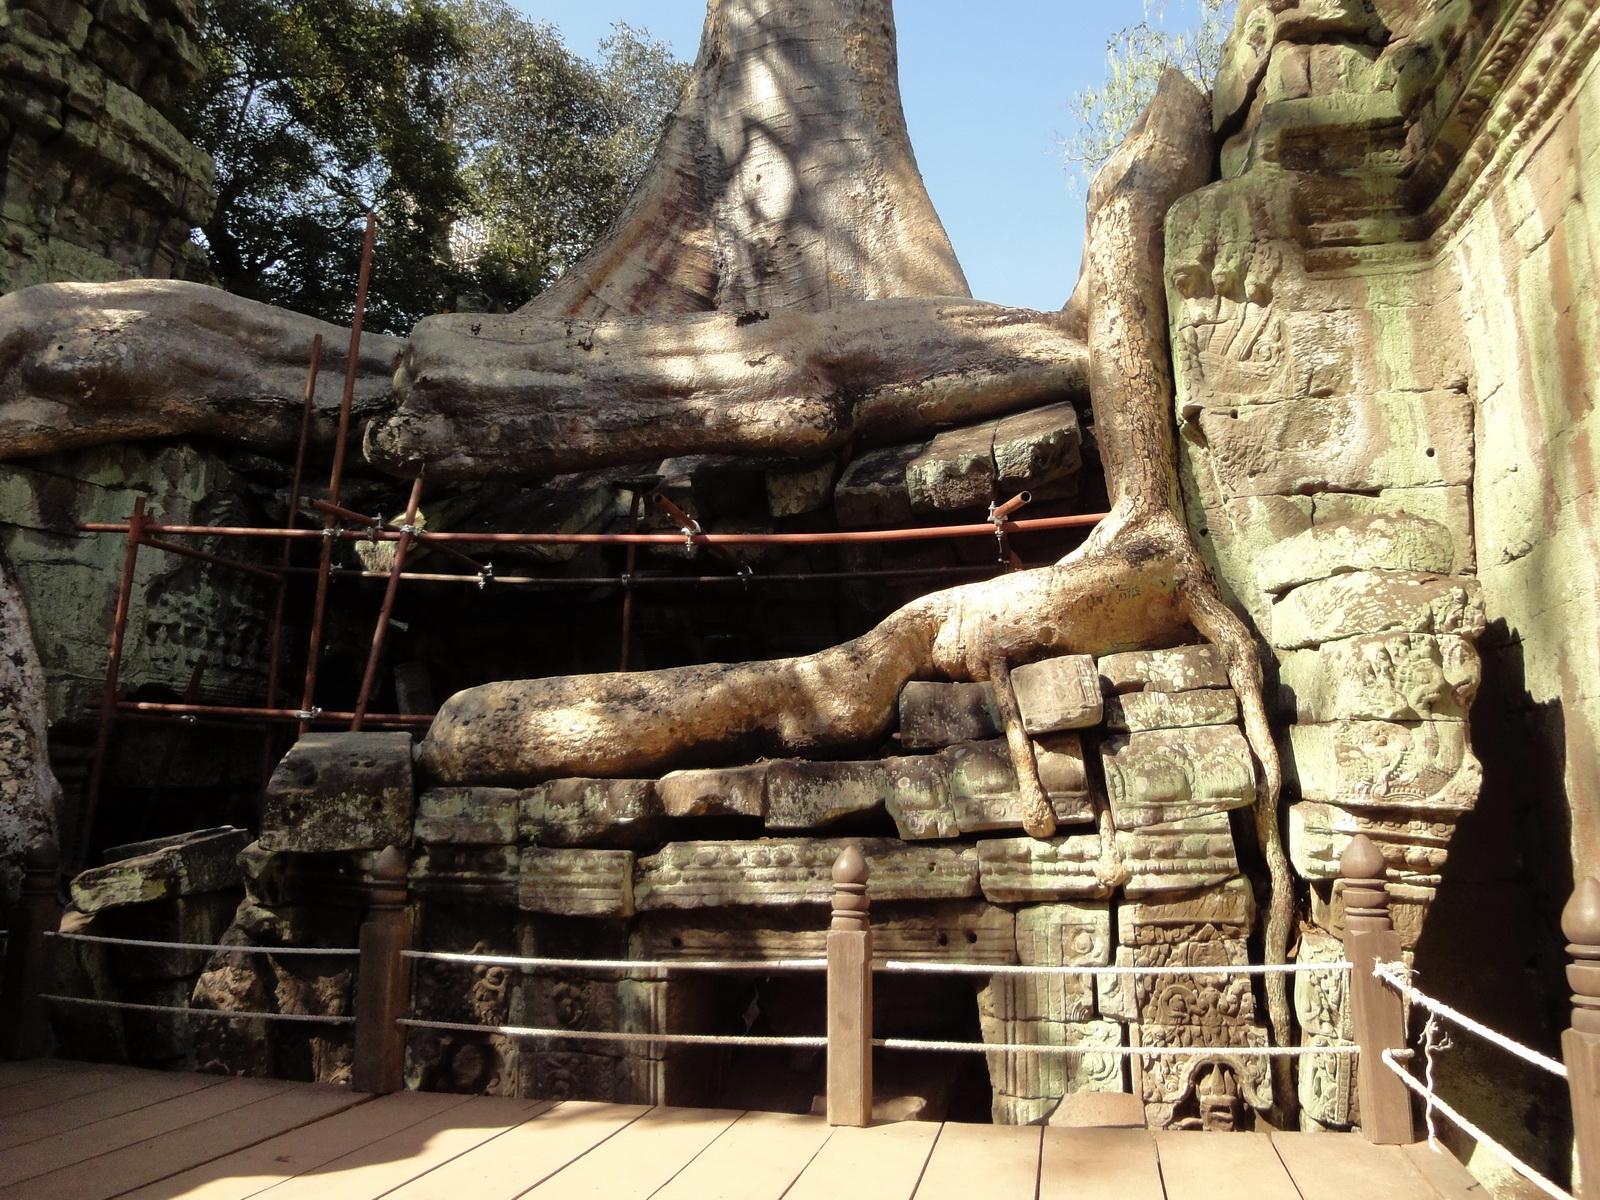 Ta Prohm Tomb Raider Bayon architecture central sanctuary area 01